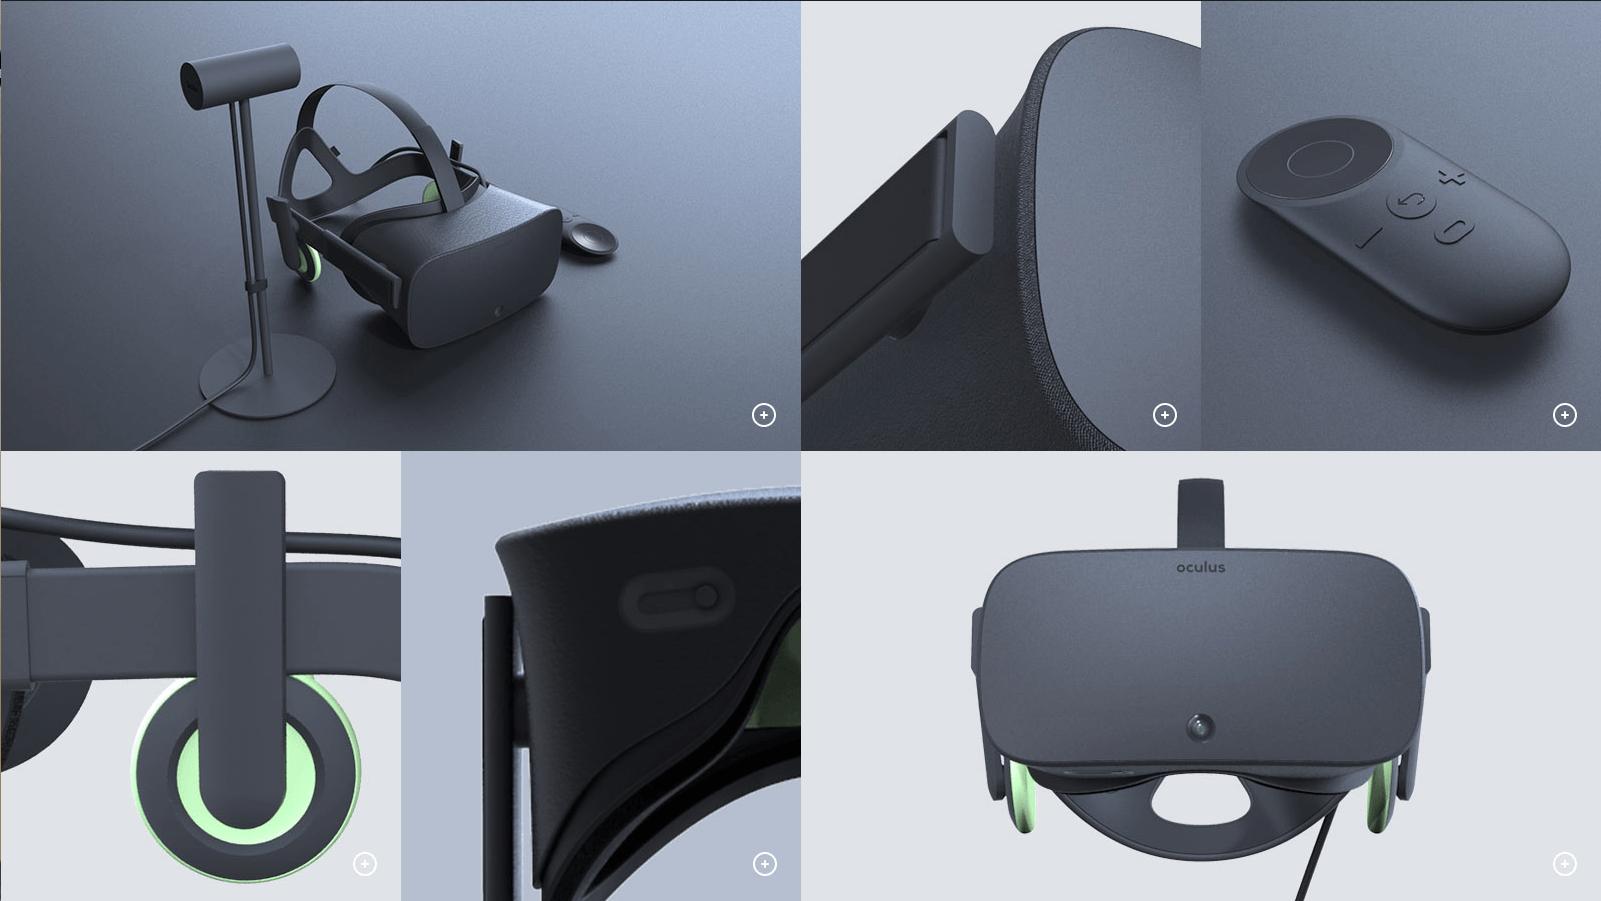 Oculus Rift : une fuite massive d'informations sur le casque de réalité virtuelle